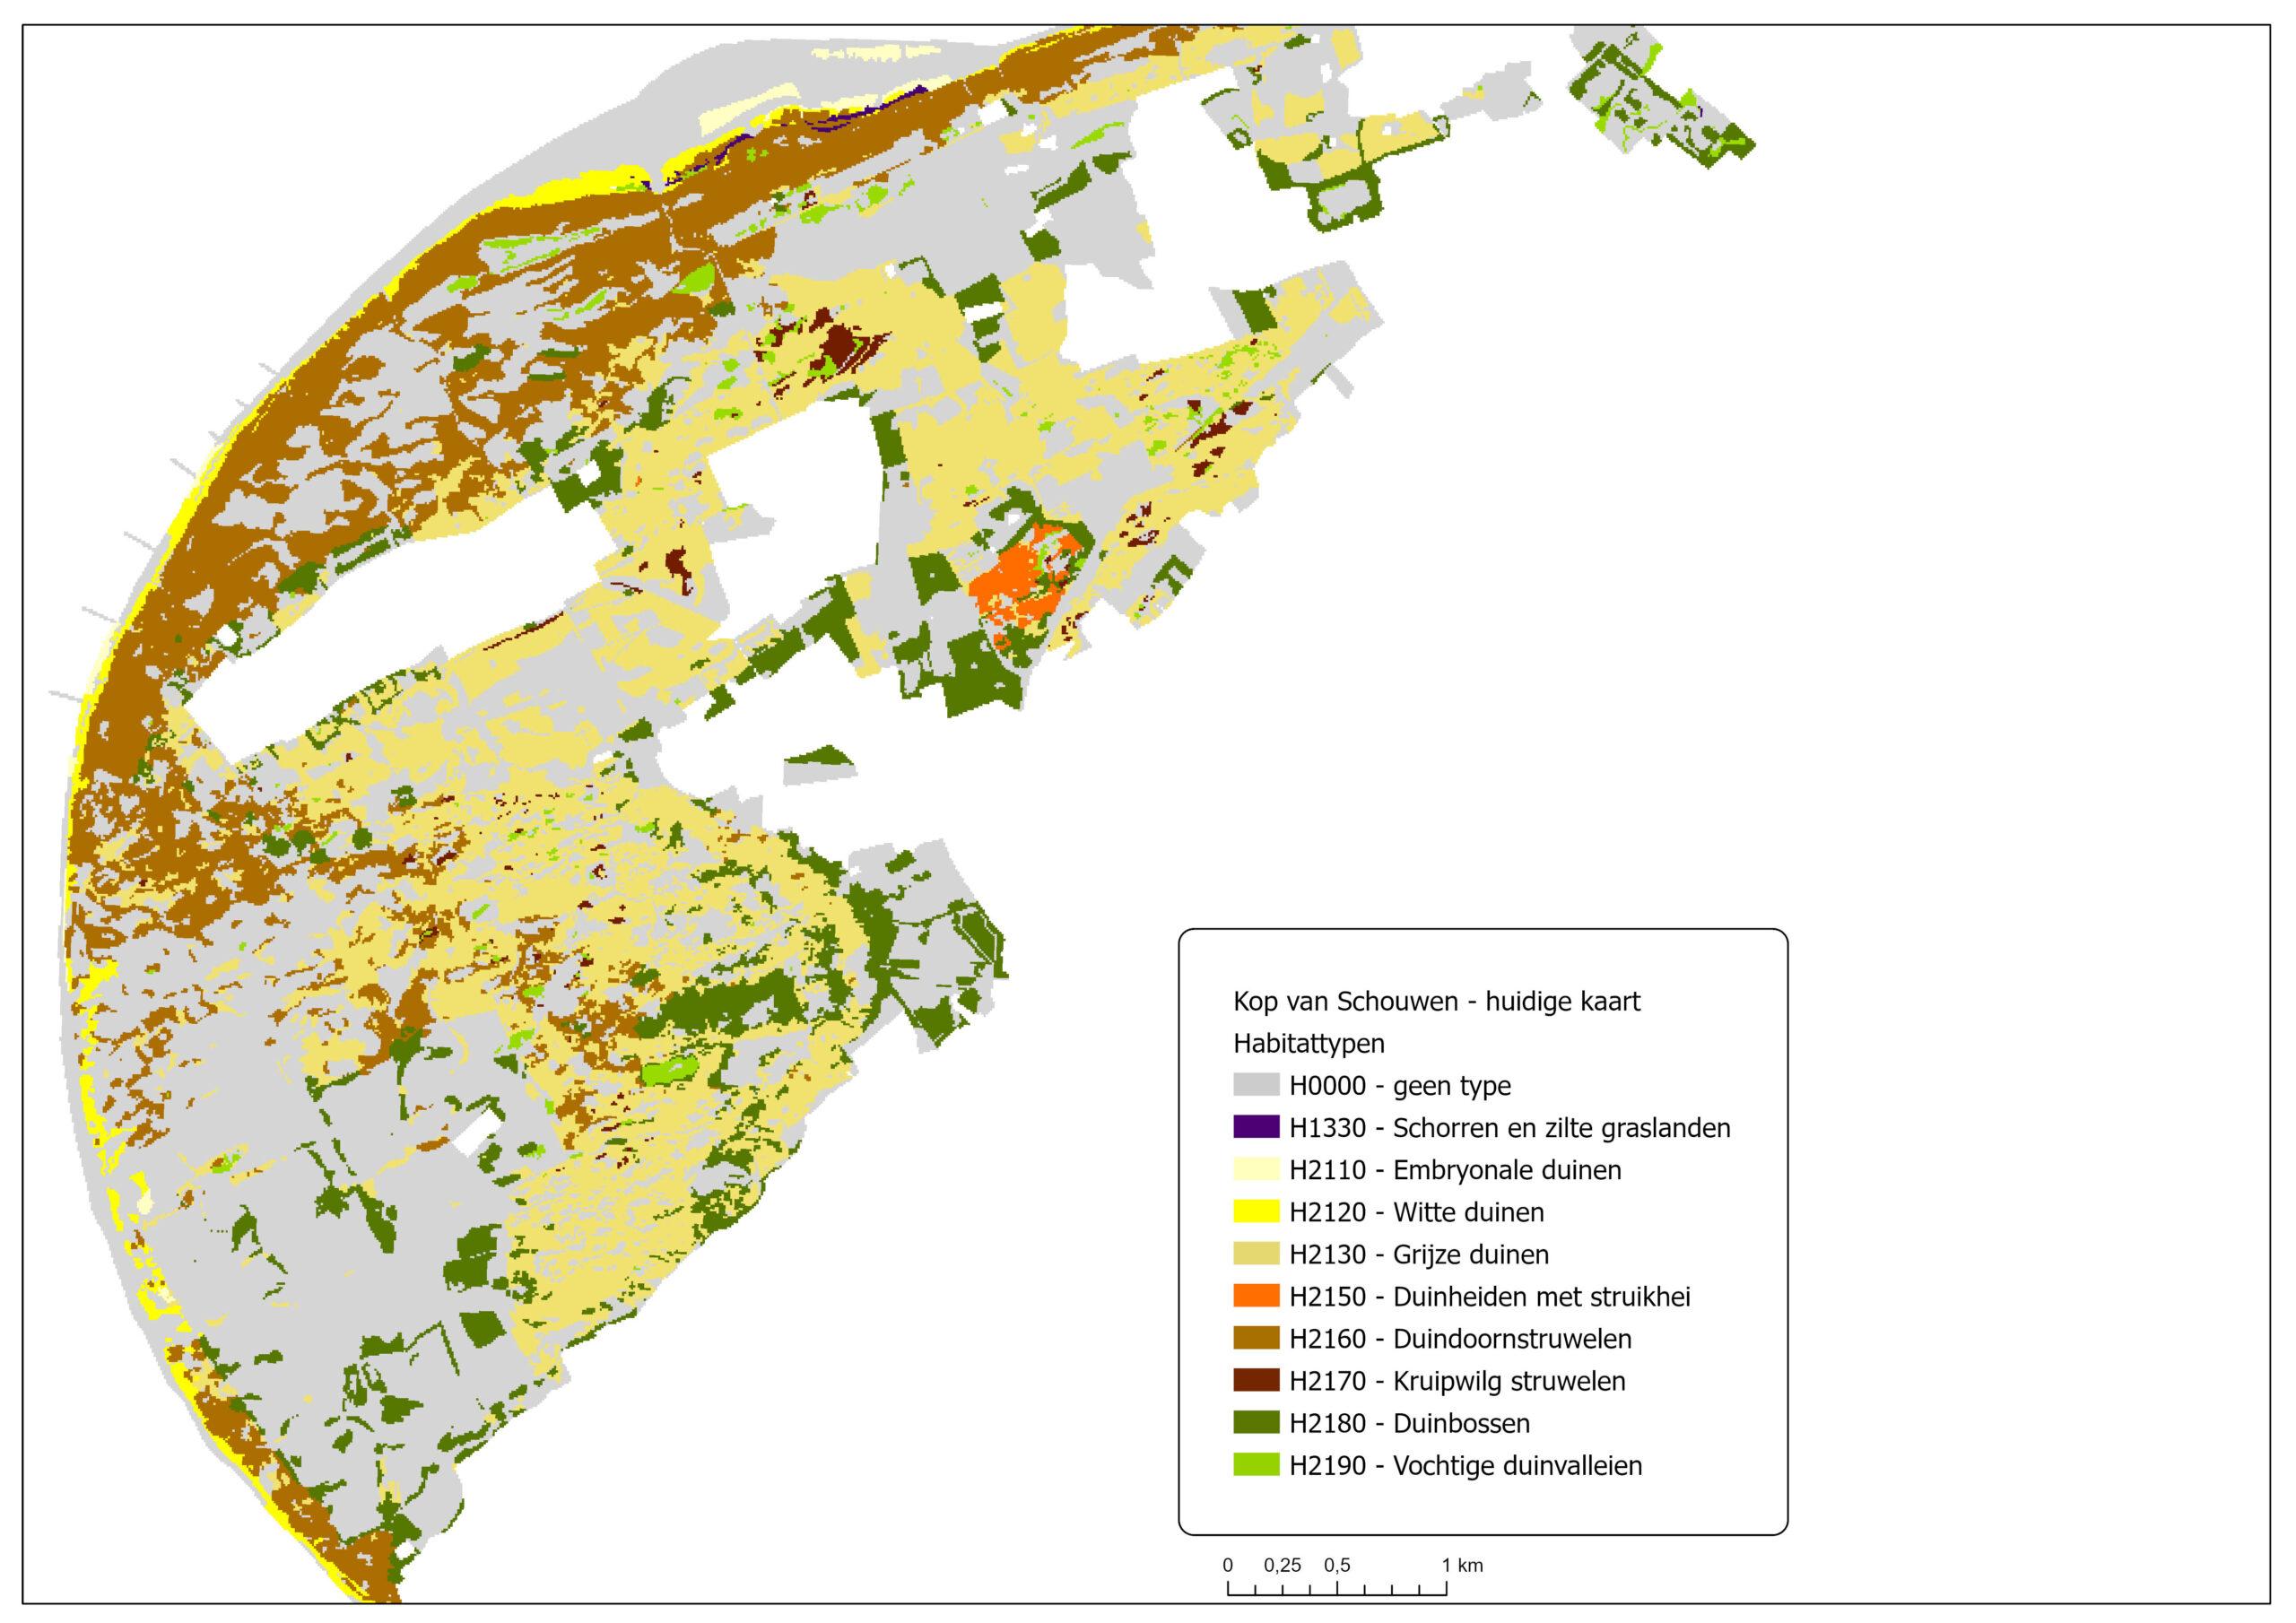 Kop van Schouwen is habitatkaart van 2019